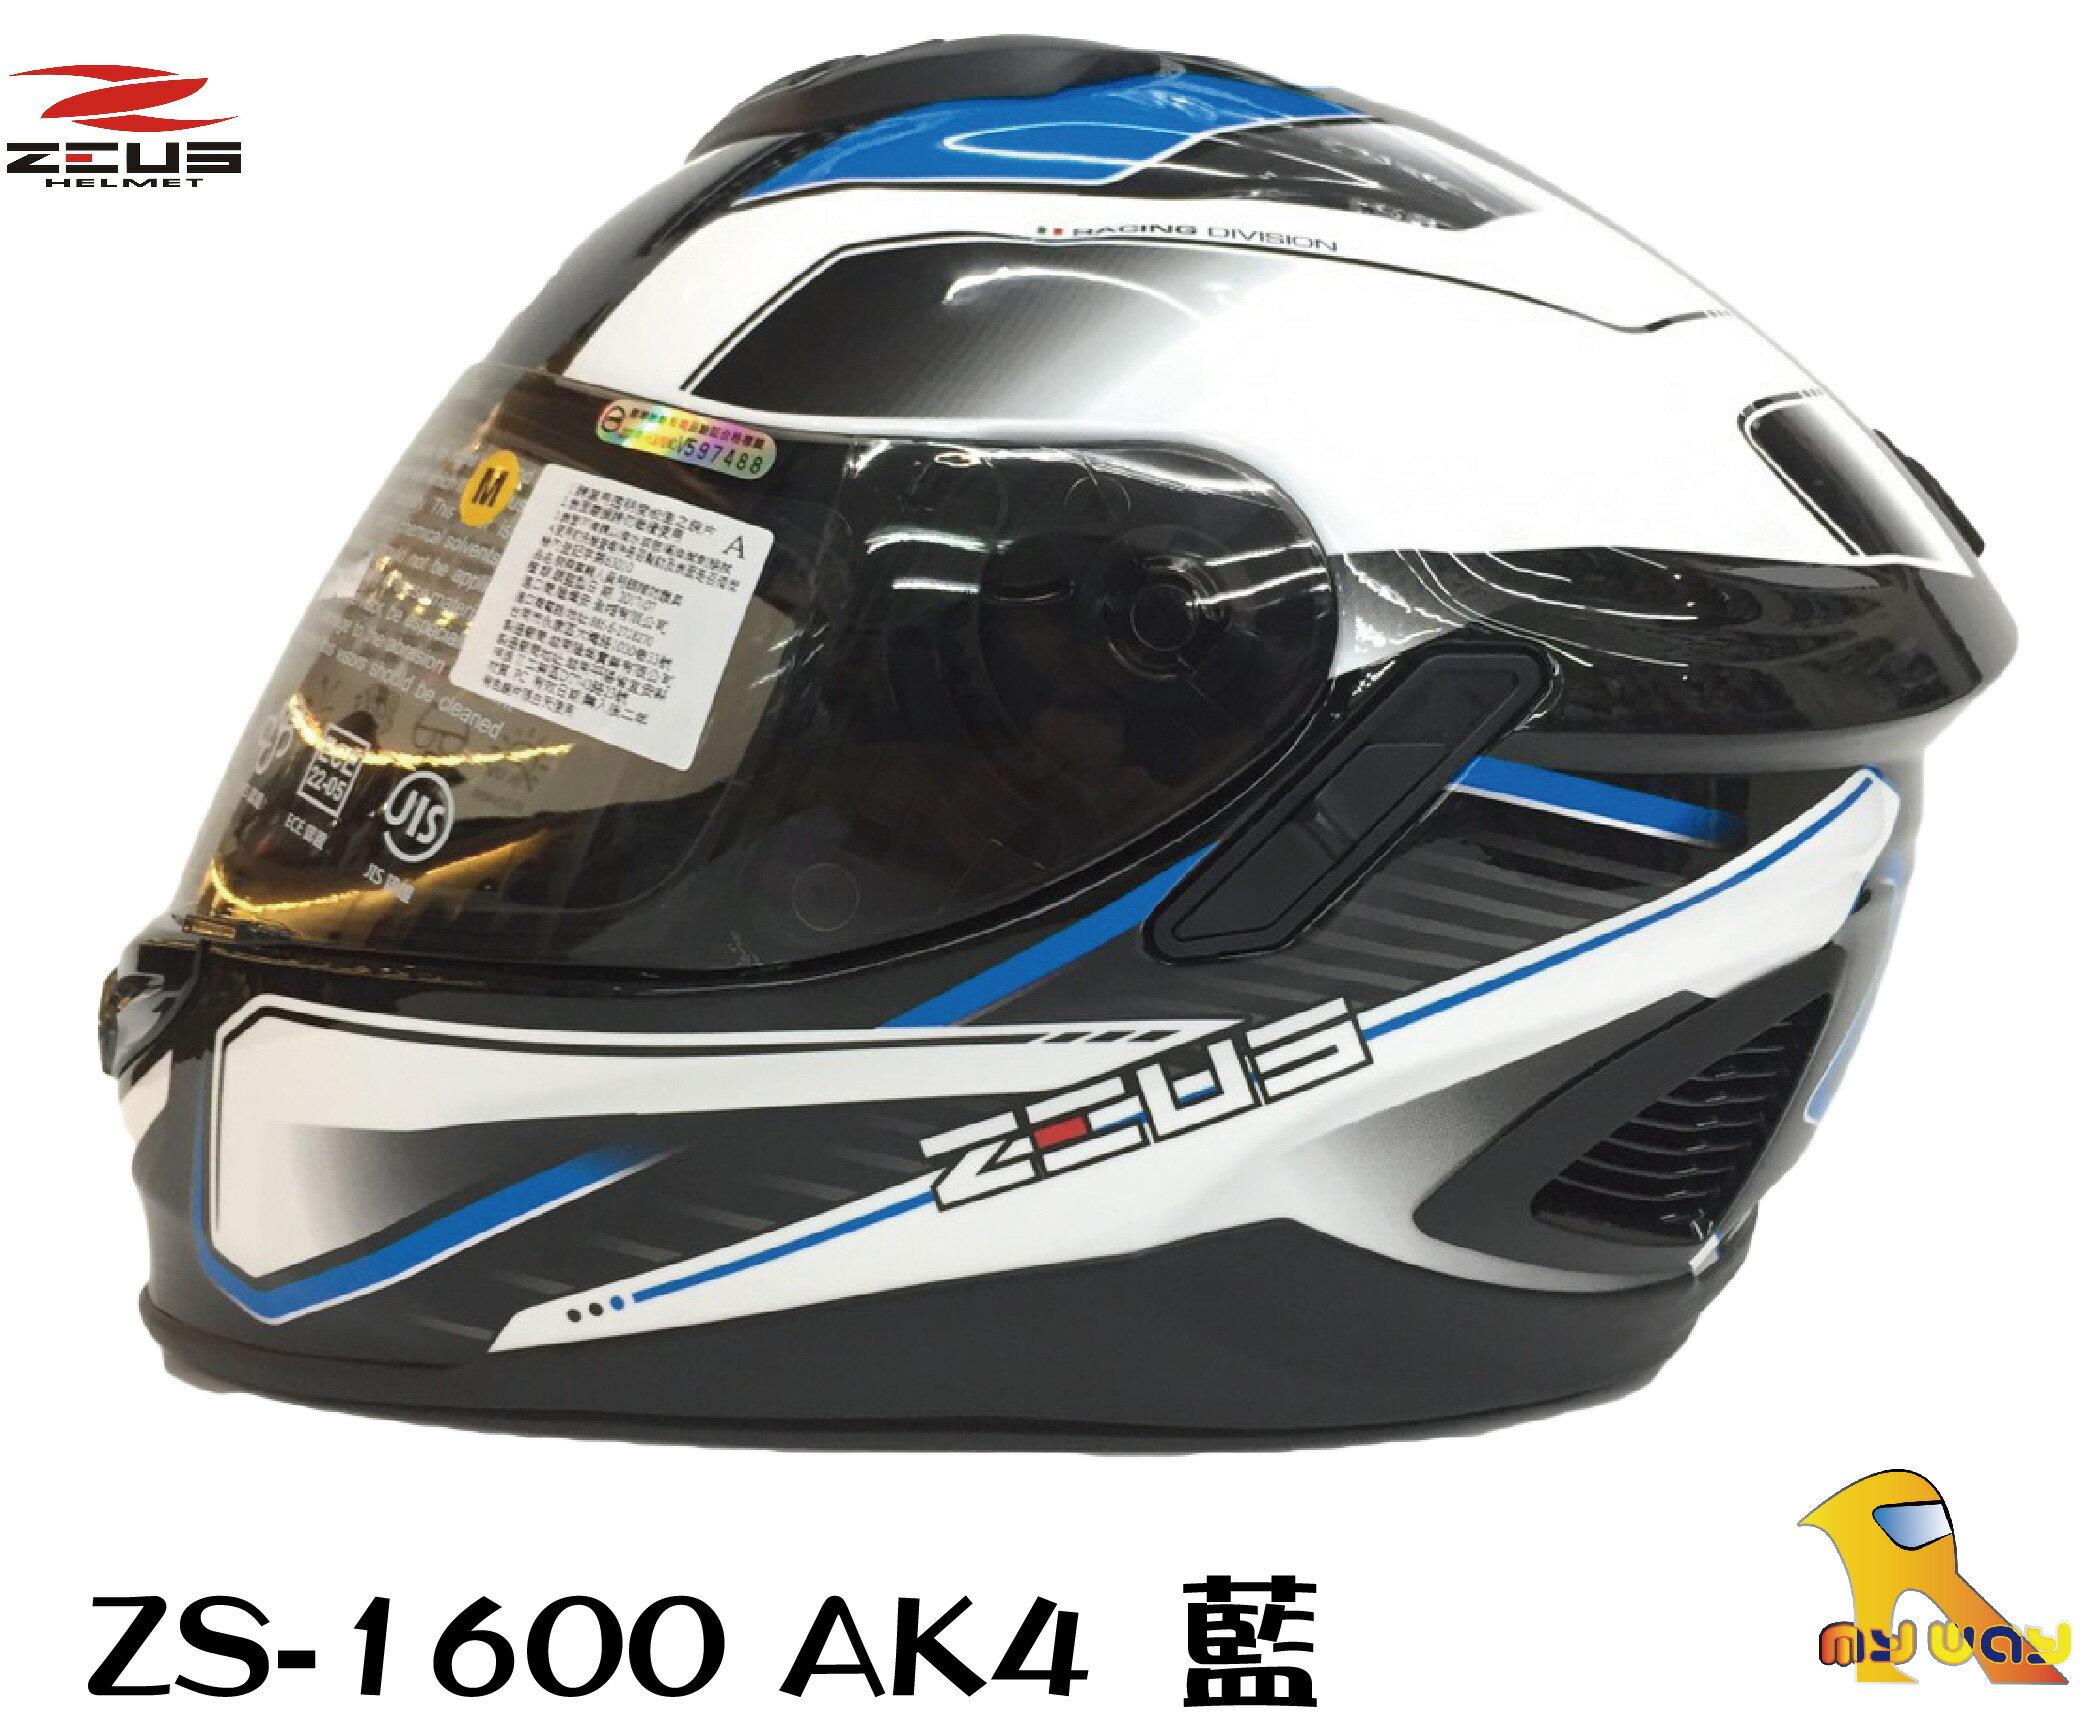 ~任我行騎士人身部品~瑞獅 ZEUS ZS-1600 ZS 1600 AK4 藍 碳纖維 全罩式安全帽 送電鍍片